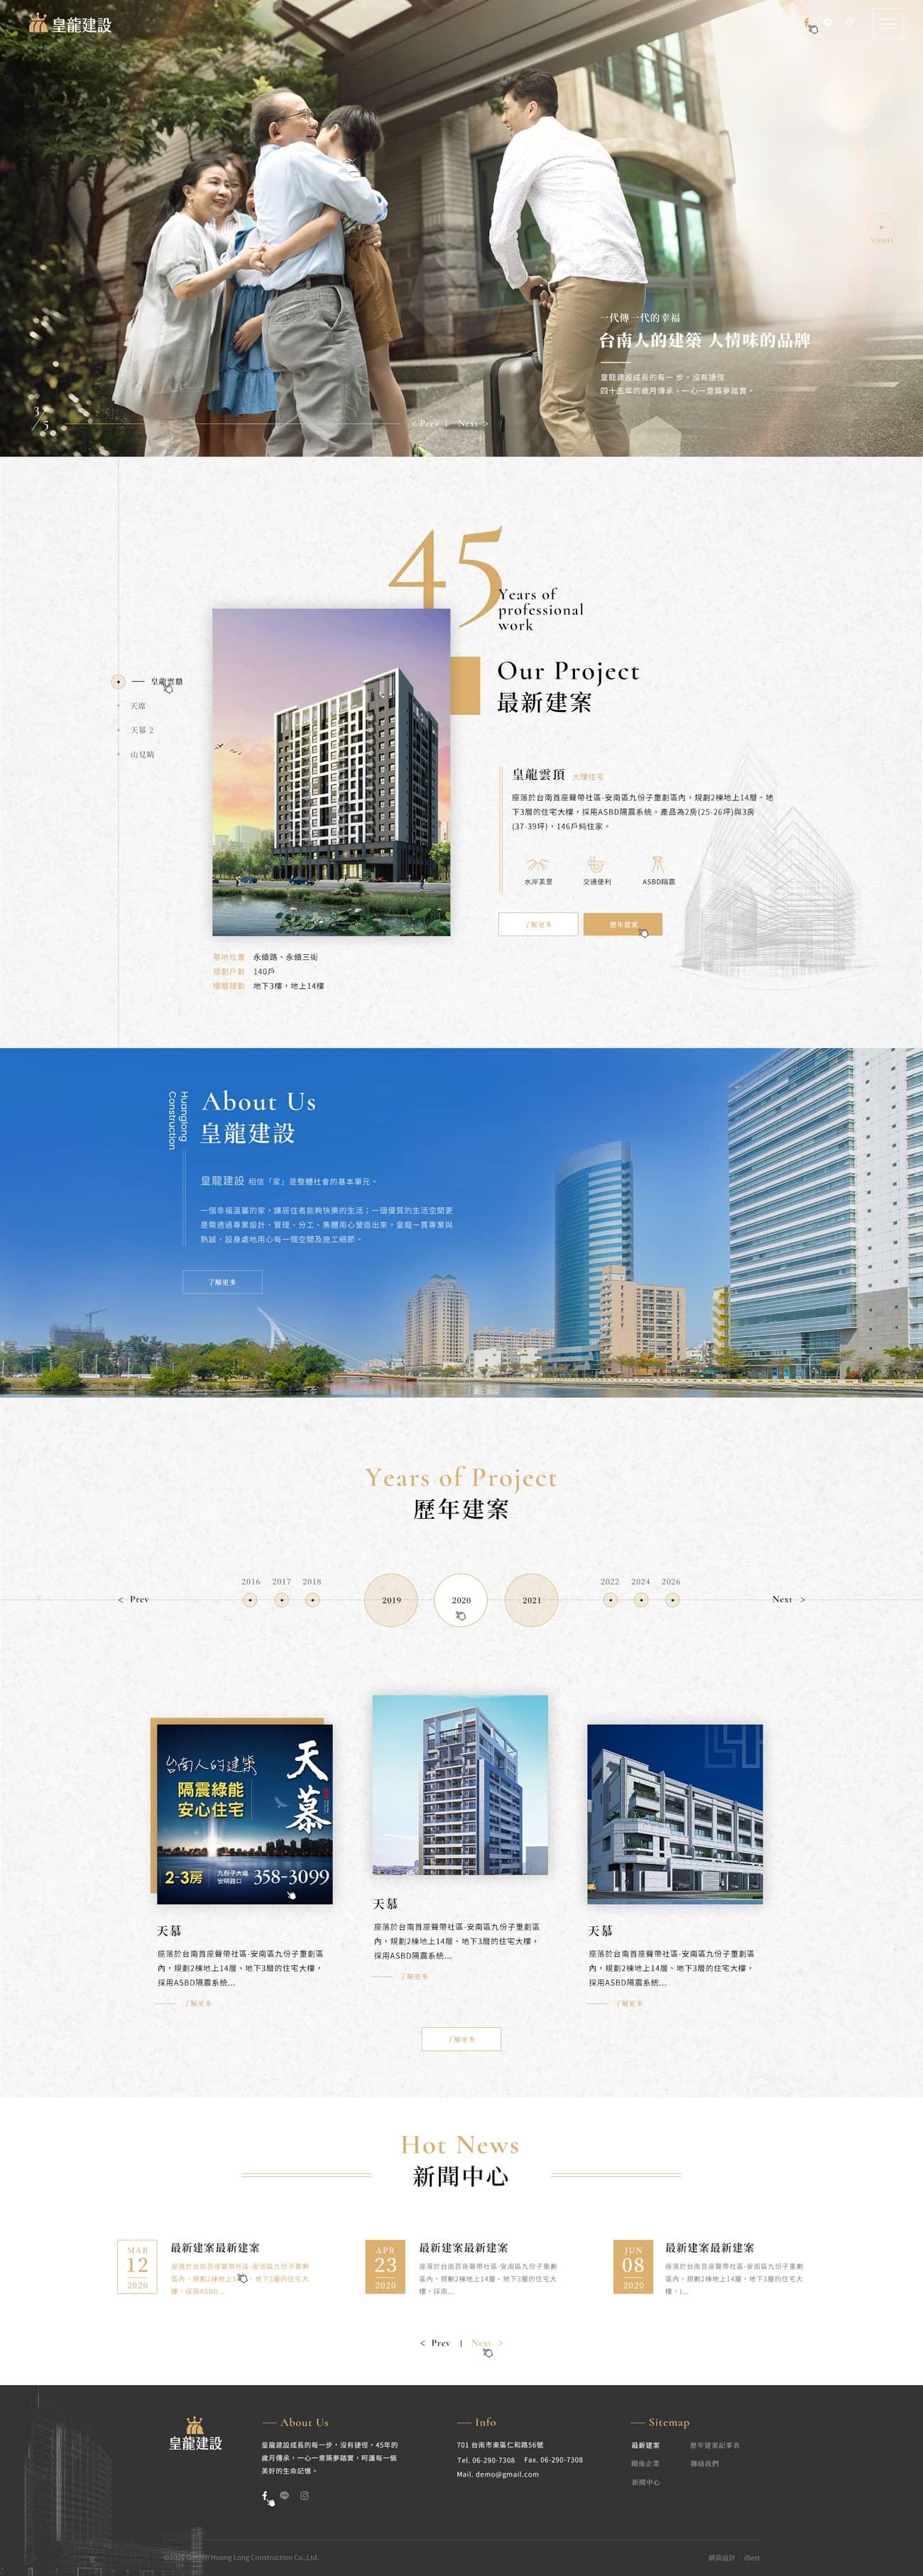 皇龍建設-網頁設計